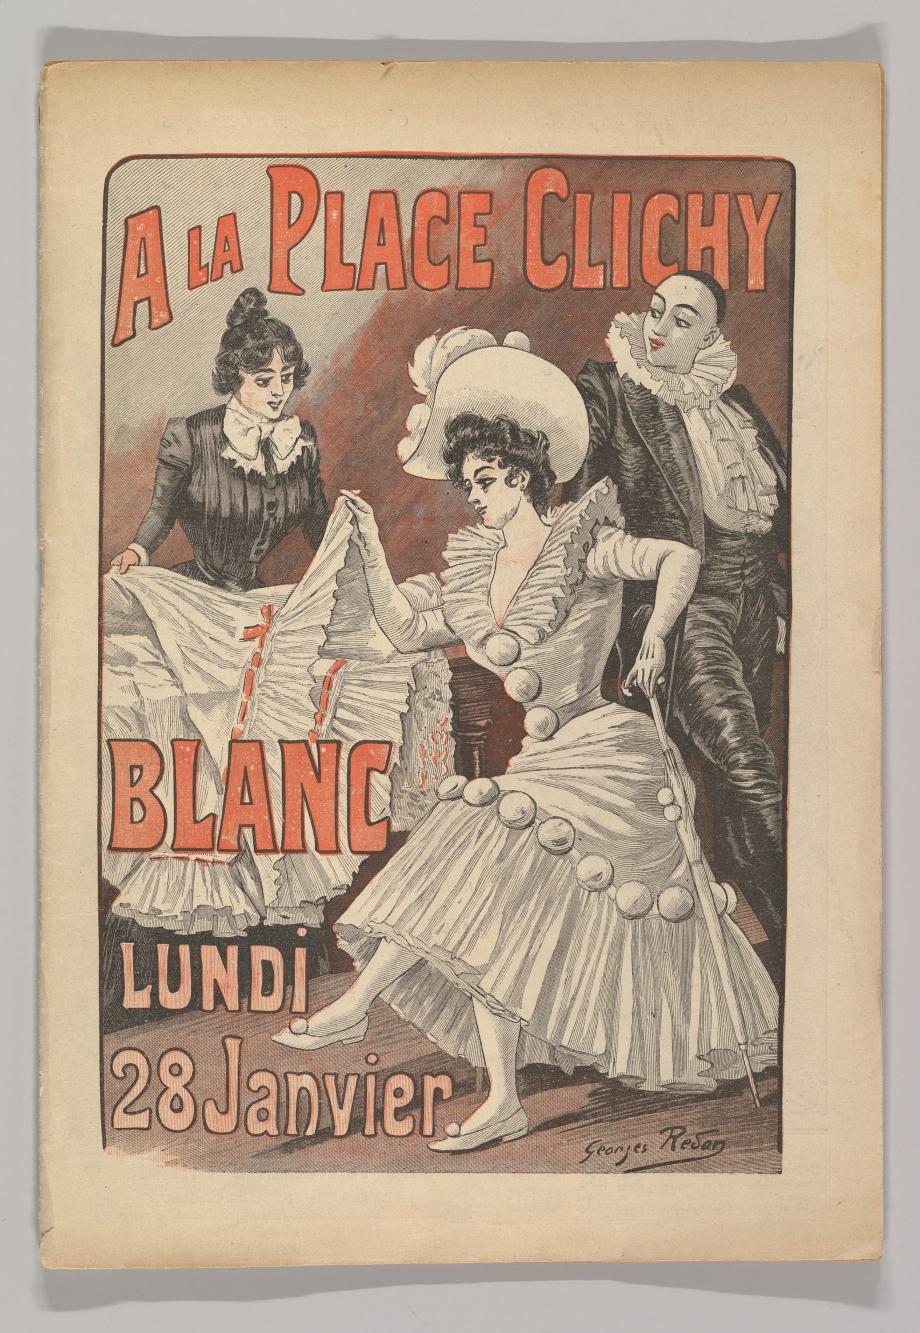 Grands_Magasins_de_la_Place_Clichy_Exposition_Annuelle_de_Blanc_MET_DP819277.jpg